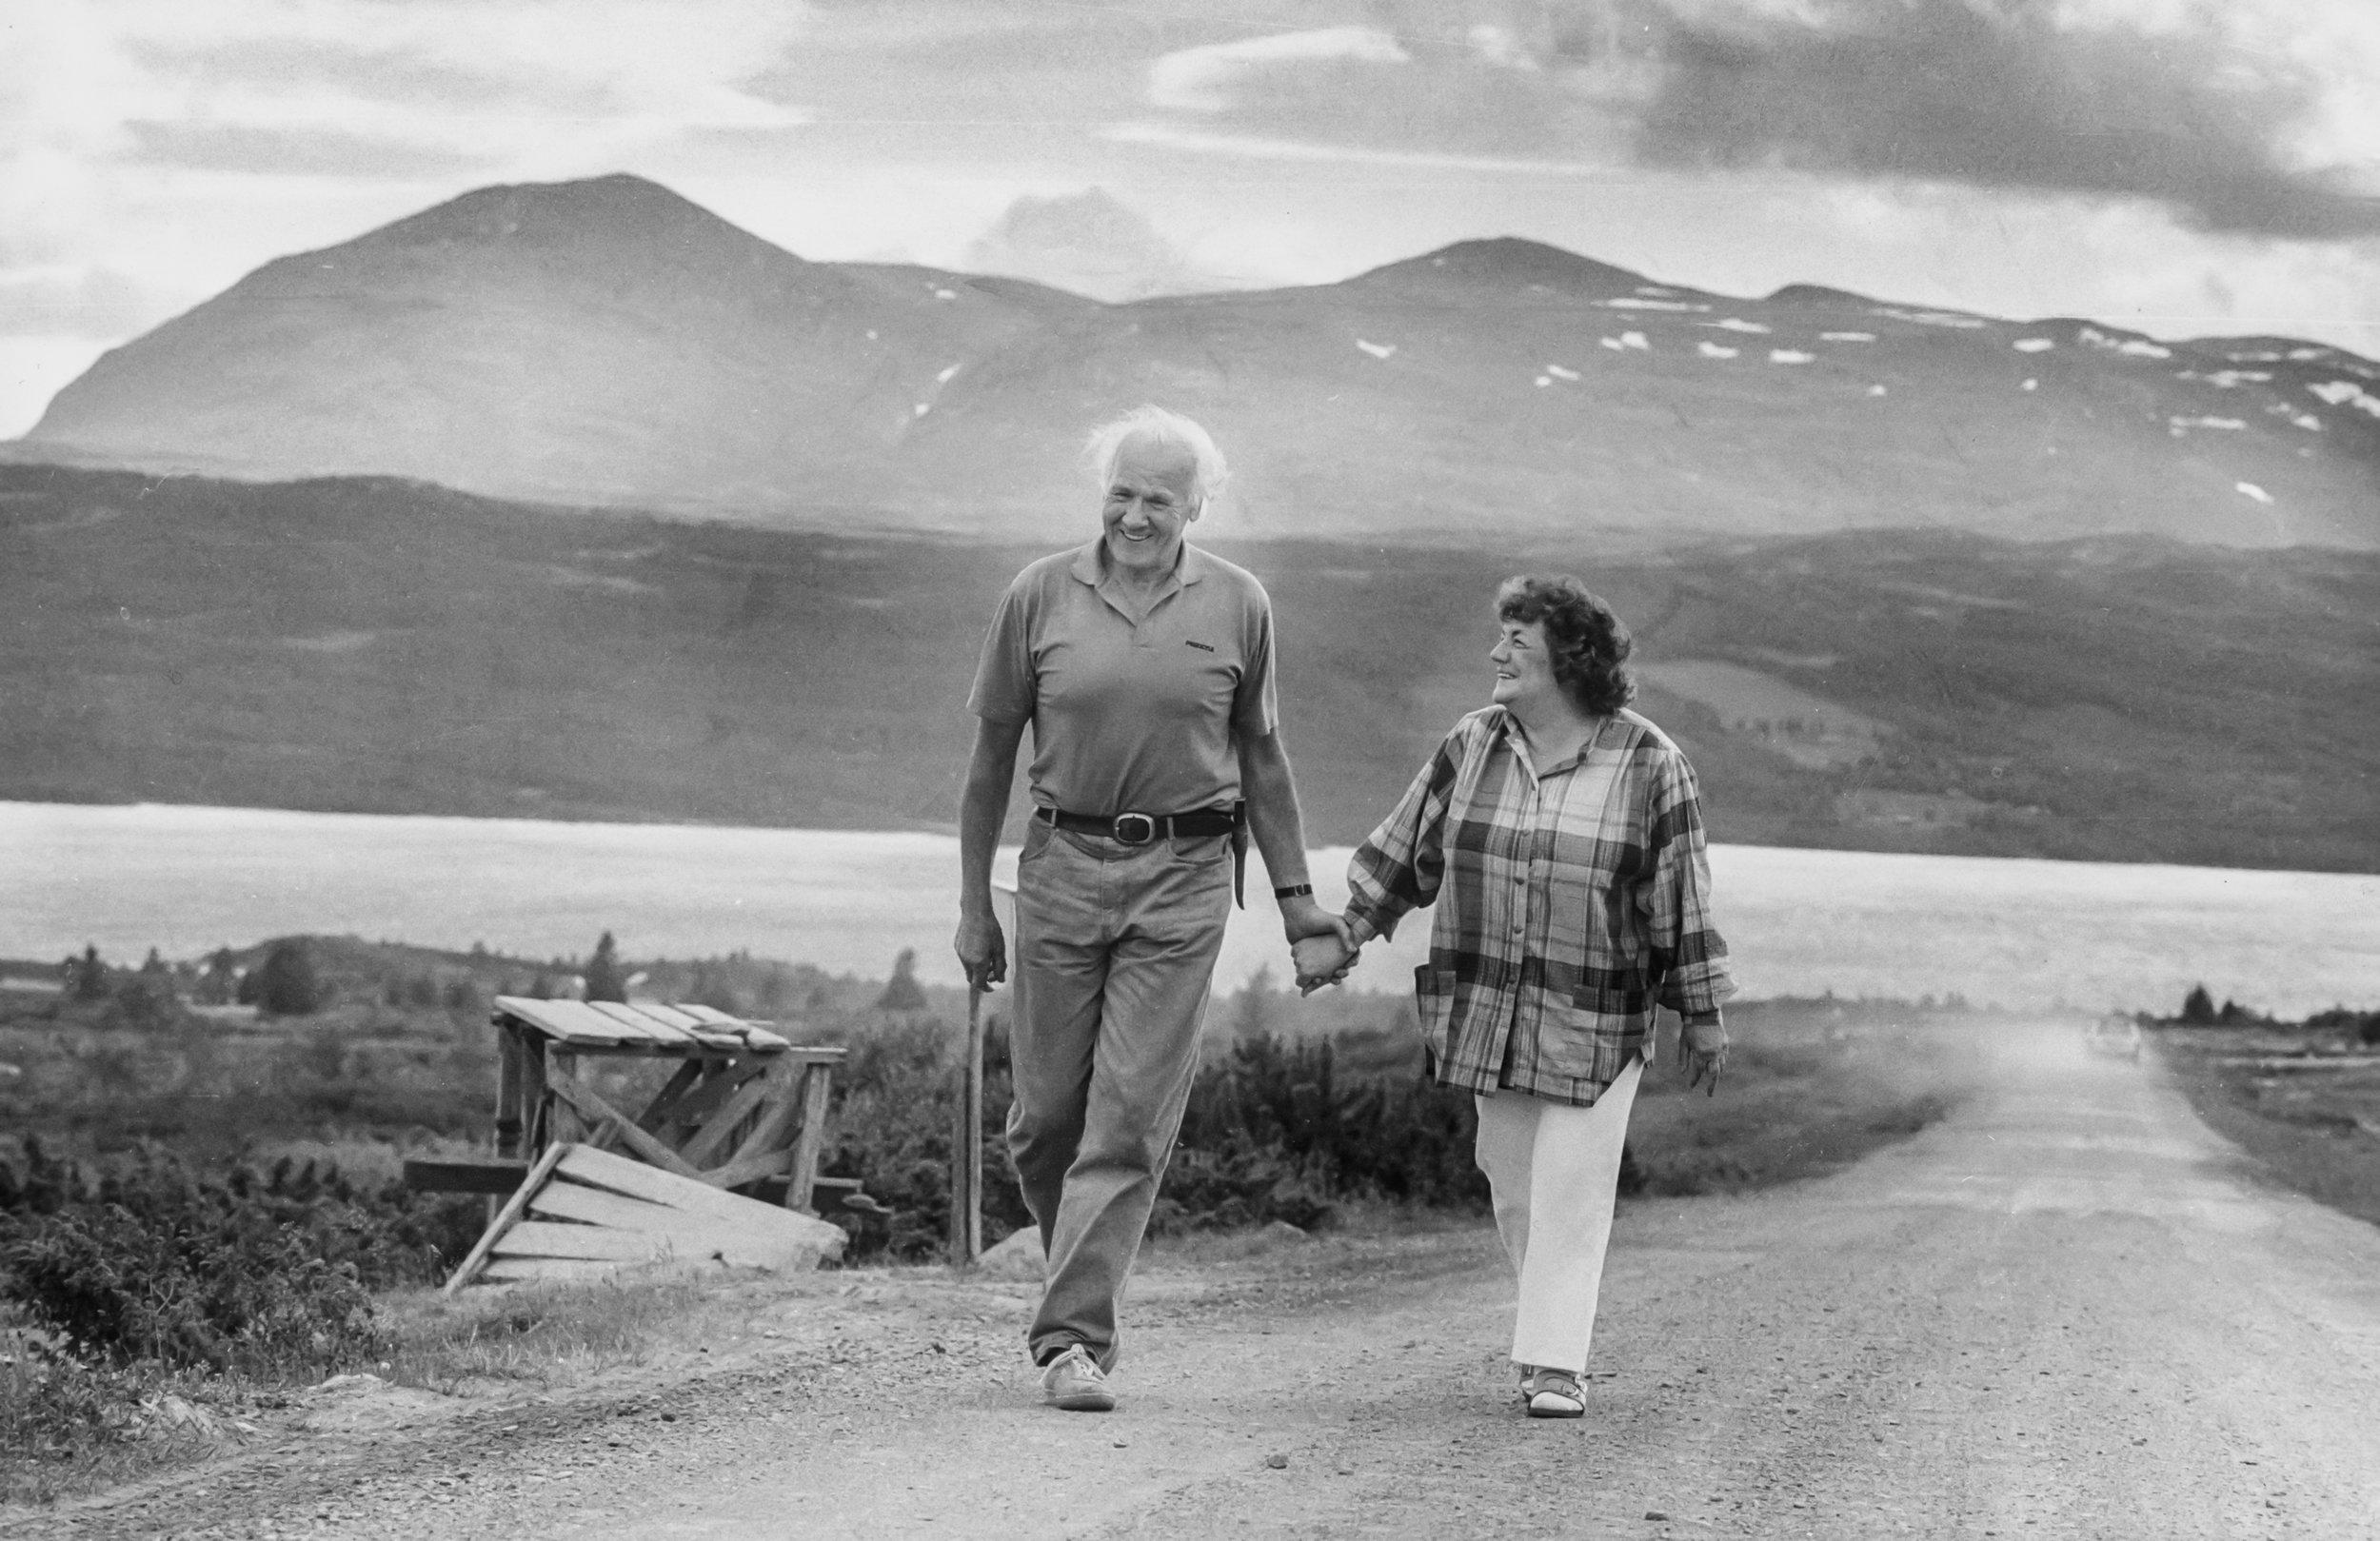 «– Margit er utrolig», sa Asbjørn til den svenske avisen Expressen som fotograferte dem i Grunke i 1986. Da hadde de vært lykkelig gift i 40 år. Foto: Cornelia Nordström, Expressen.